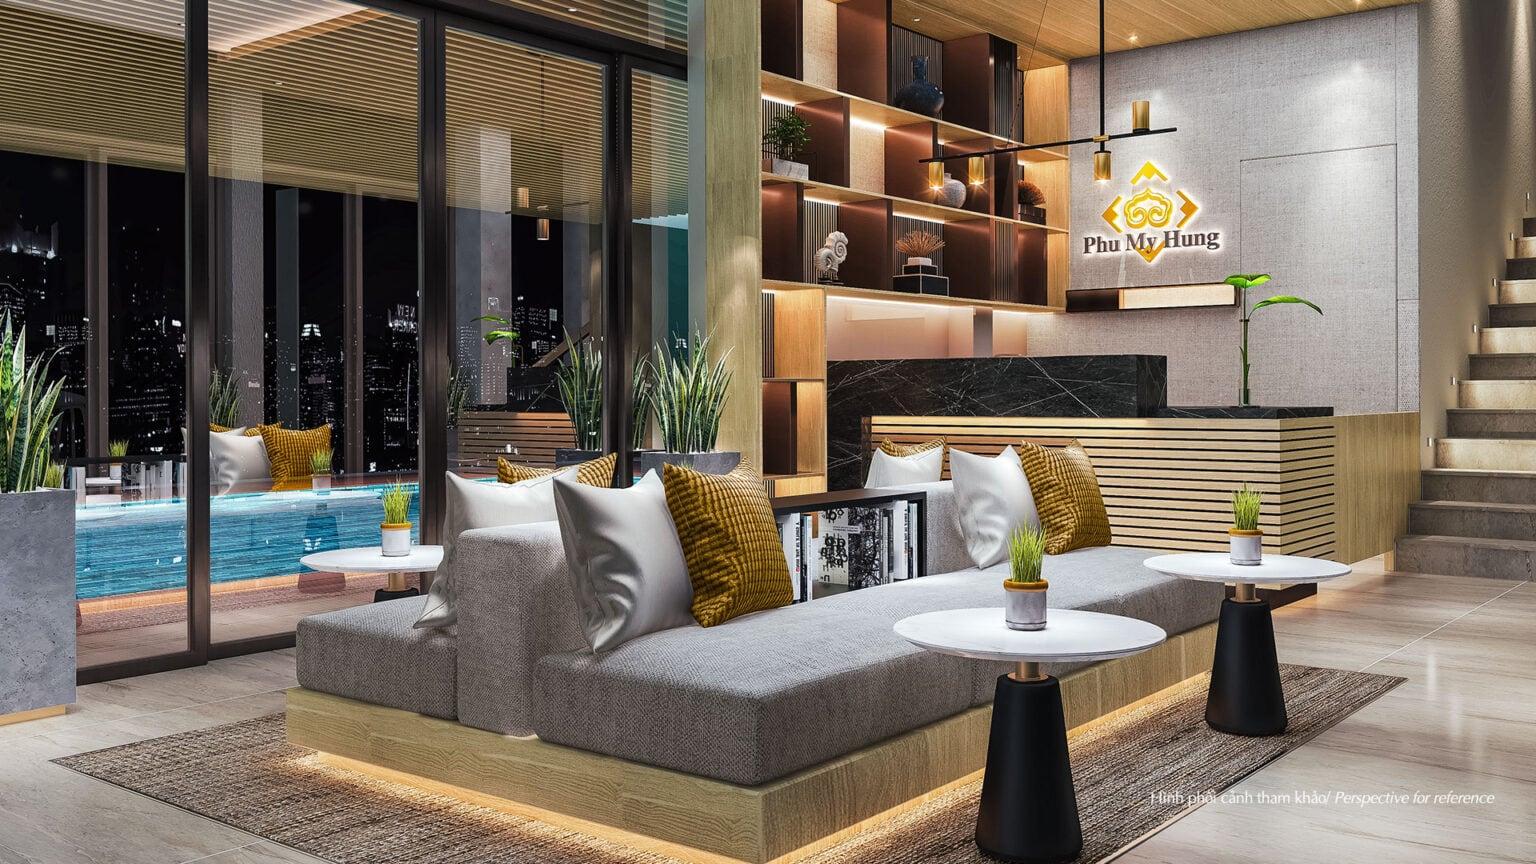 Không gian sang trọng của sảnh Clubhouse Amelie Villa với tông màu gỗ làm chủ đạo. Đây cũng là tông màu được sử dụng xuyên suốt trong thiết kế nhà câu lạc bộ, mang lại cảm giác ấm áp, tự nhiên. Toàn bộ vật liệu được sử dụng đều theo tiêu chí thân thiện với môi trường.